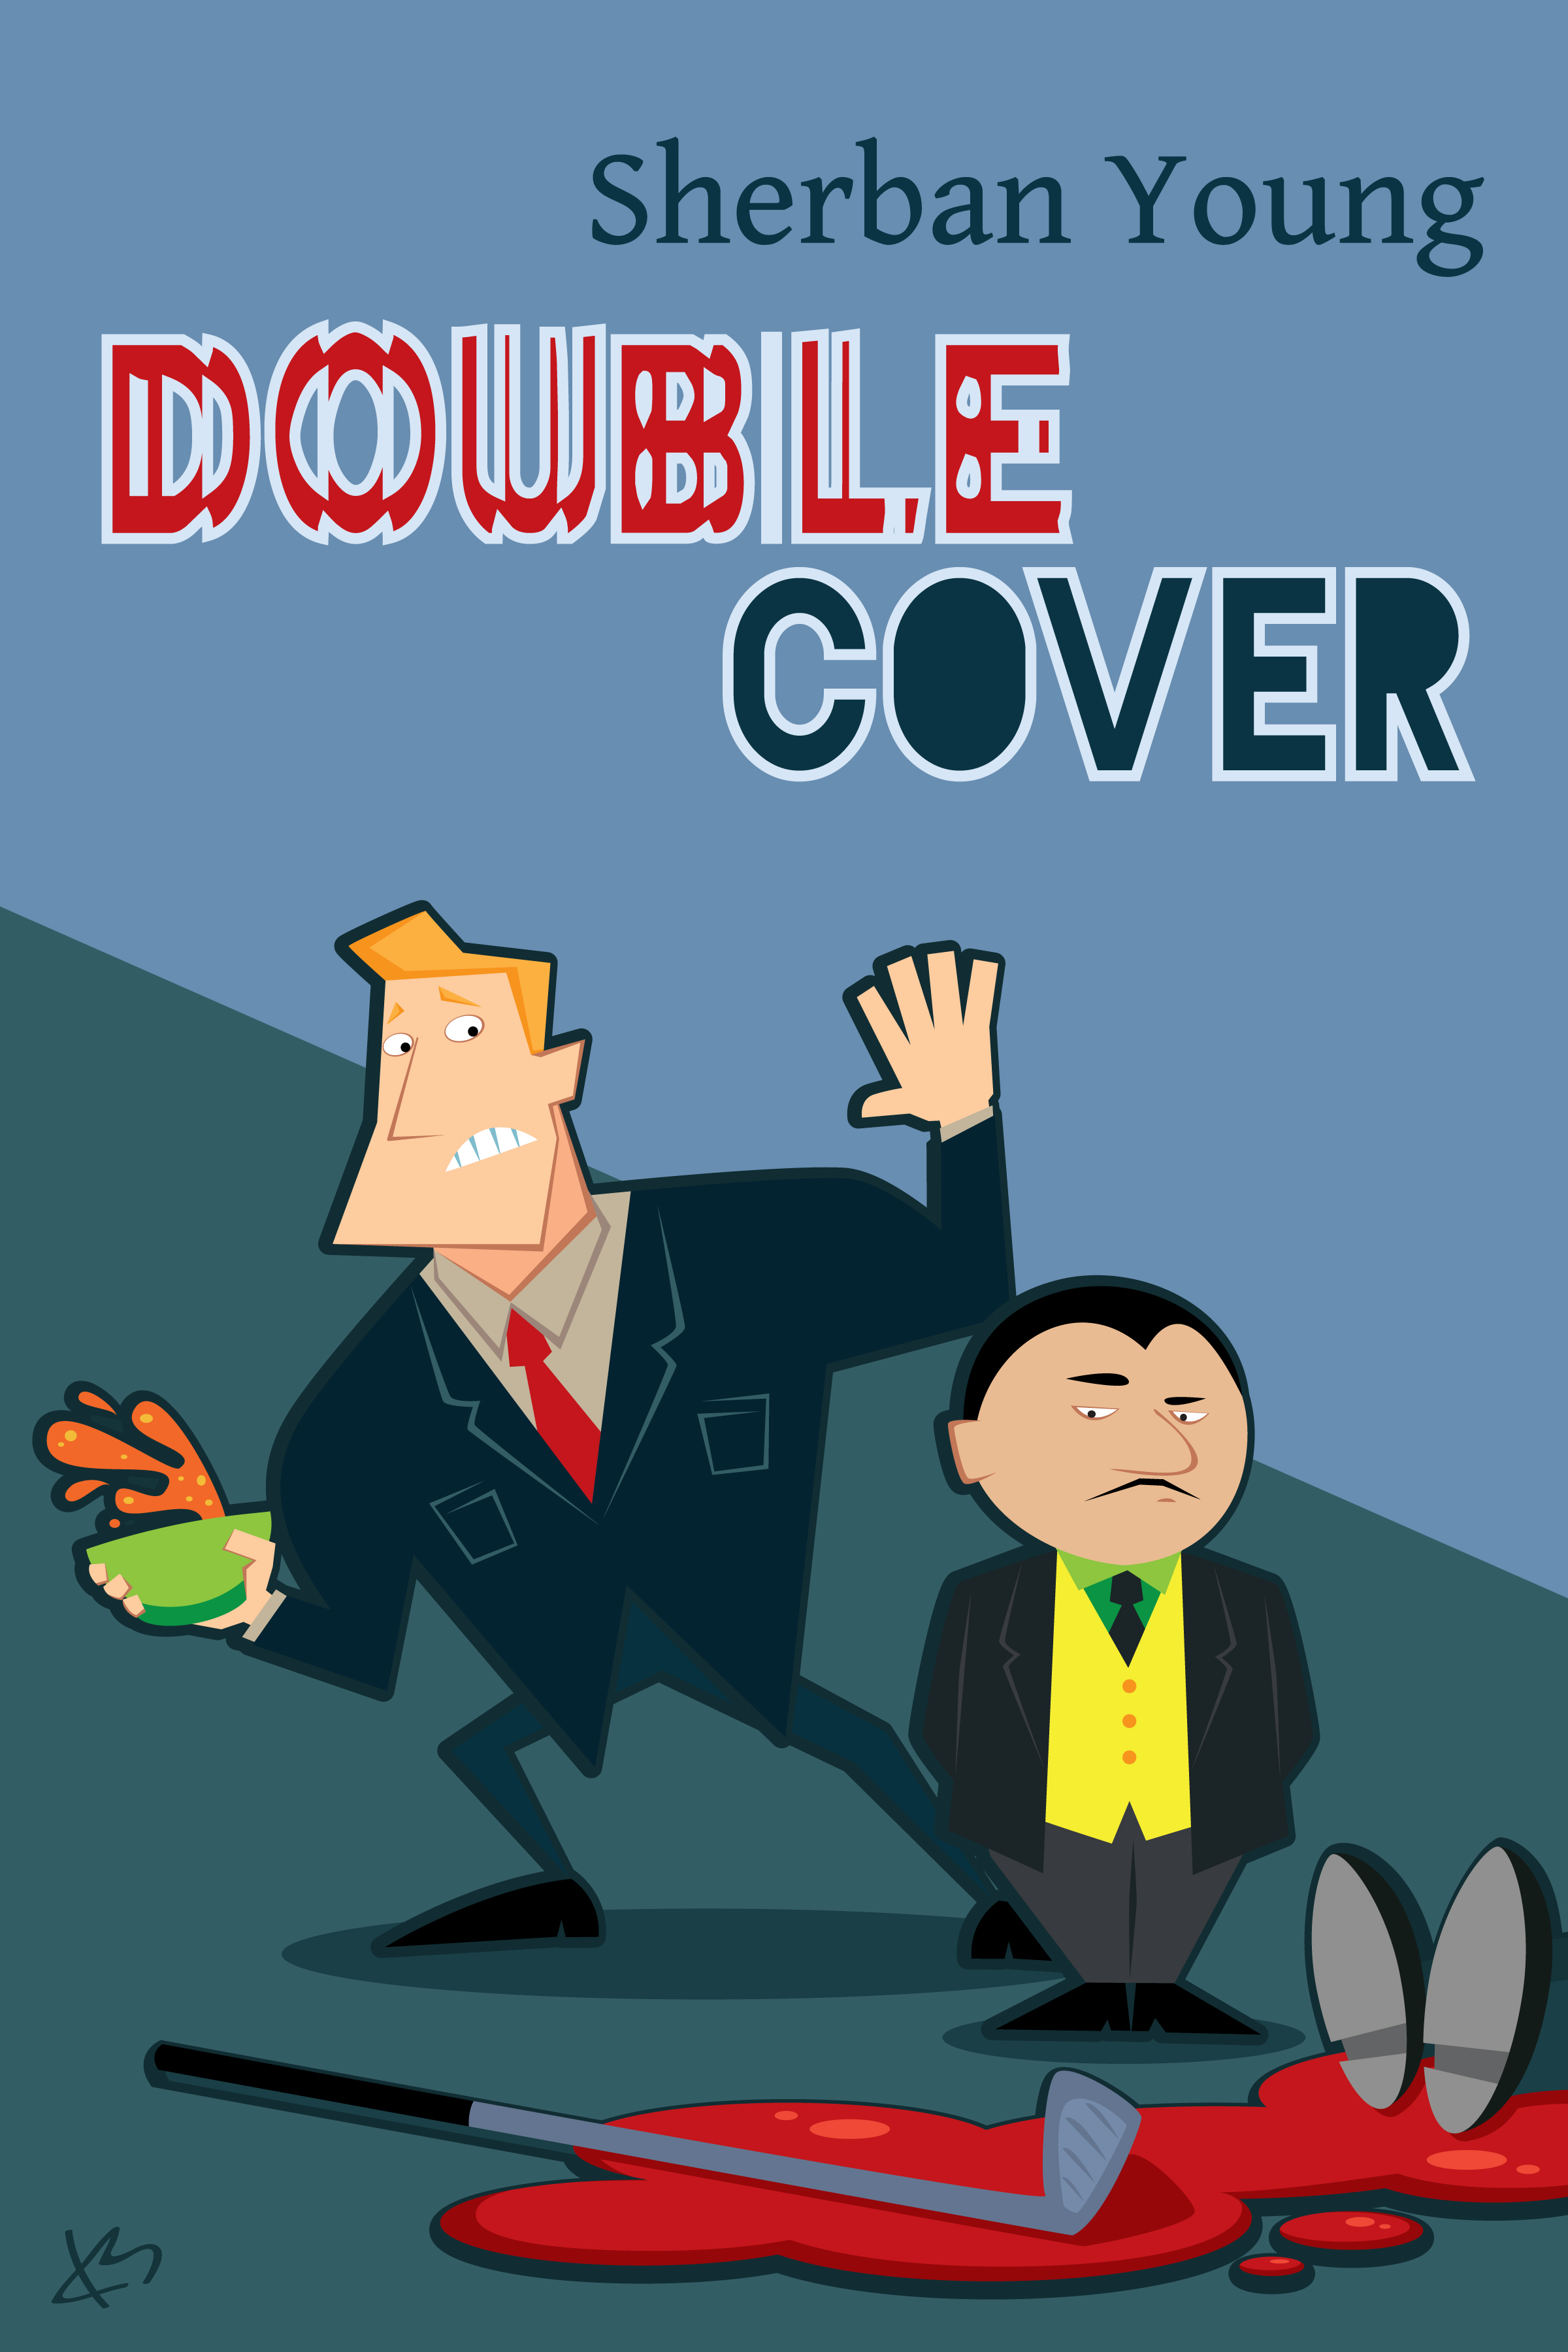 Cover-Cover.jpg